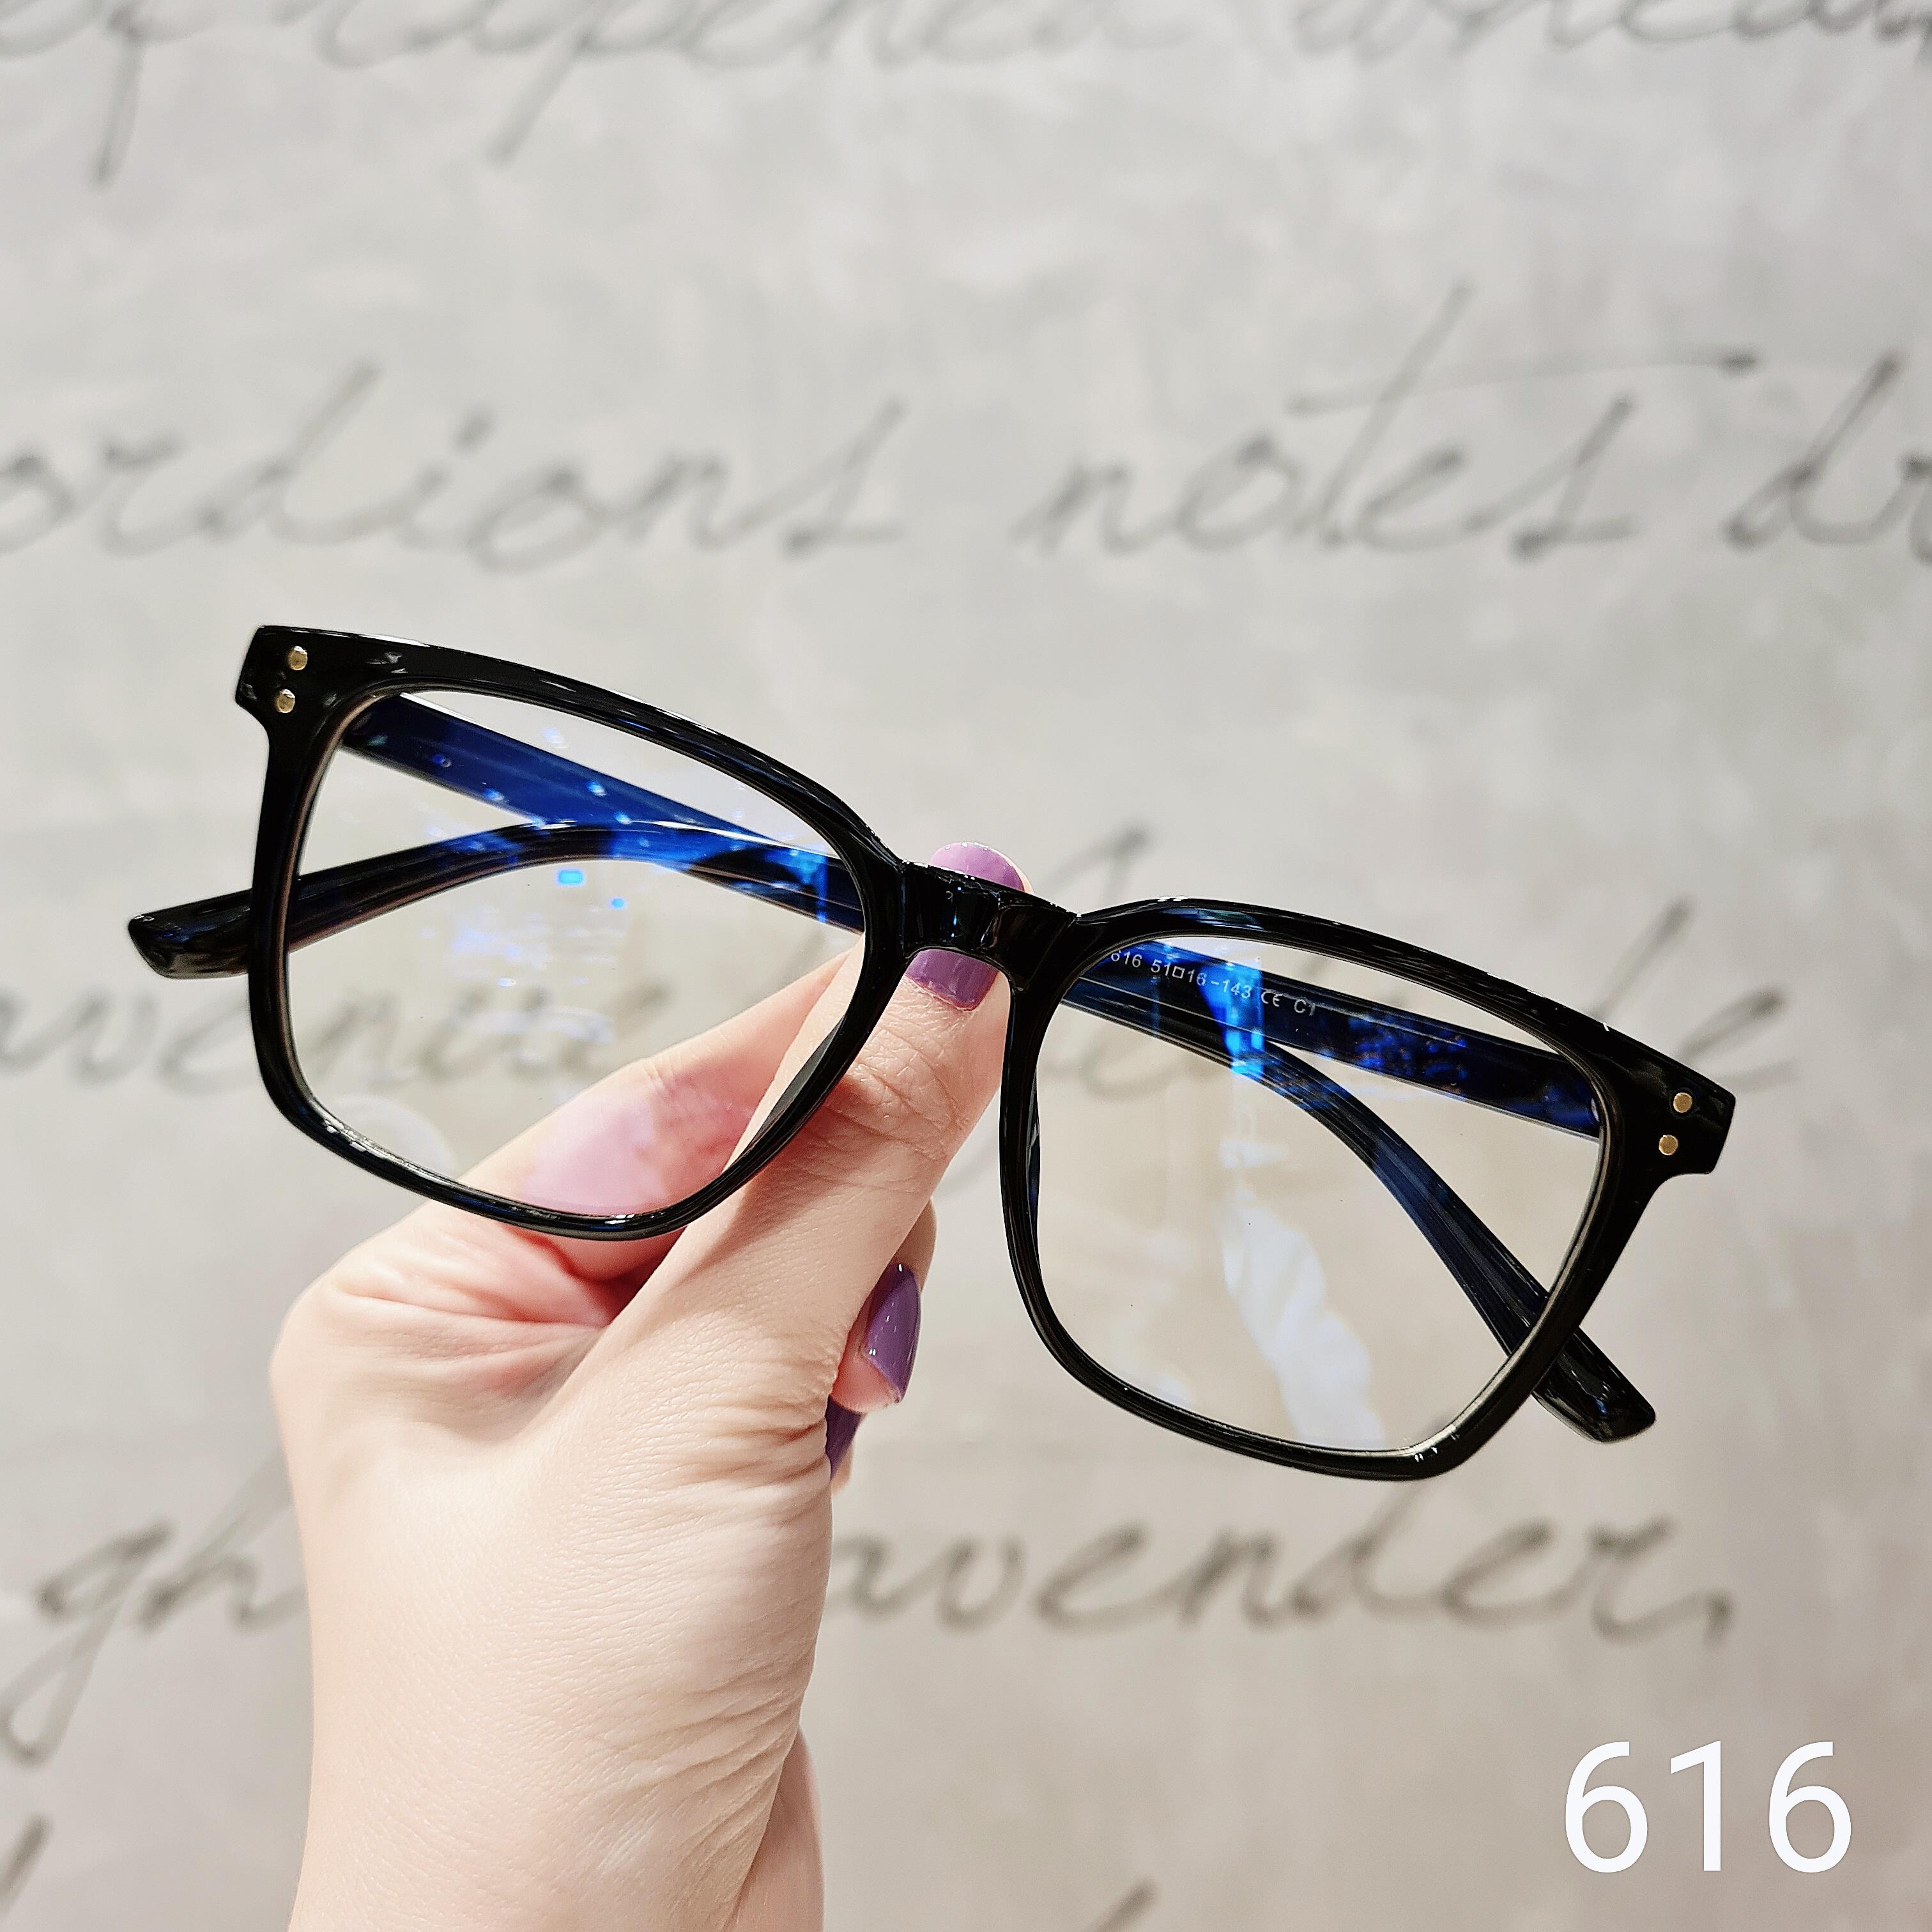 Mua [Lấy mã giảm thêm 30%]Gọng Kính Cận 616-Gọng Kính Mắt Tròn- Gọng Kính Cận Đẹp-Gọng Kính Cận Unisex-Gọng Kính Thời Trang-Lily Eyewear